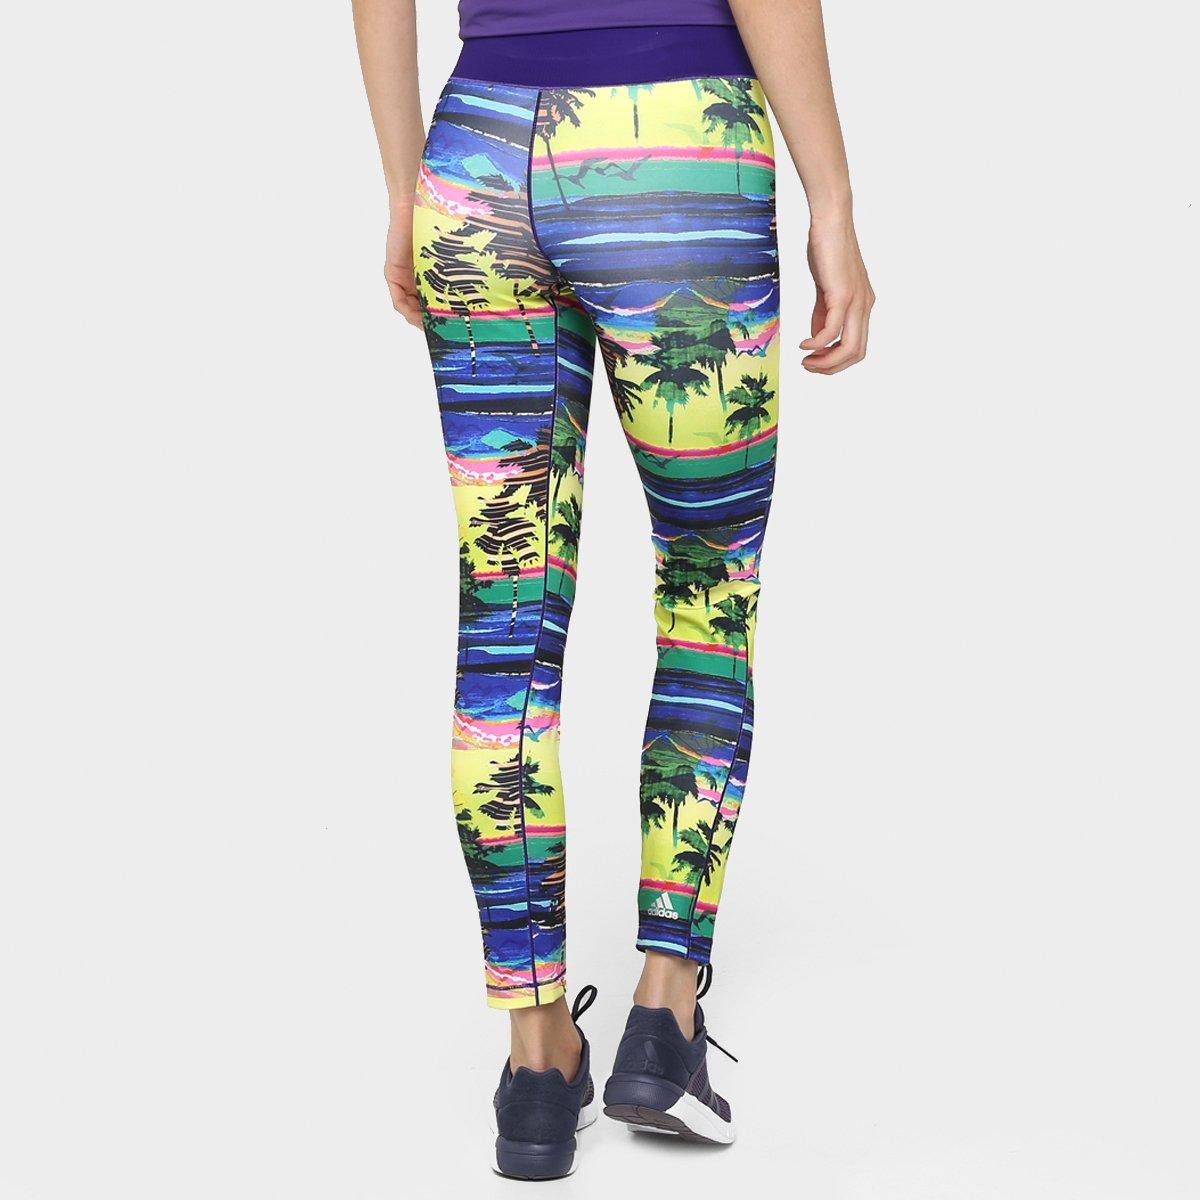 Roxo Amarelo Calça Legging Legging G1 Calça Feminina e Adidas Salinas 0vZ7xzwWvq